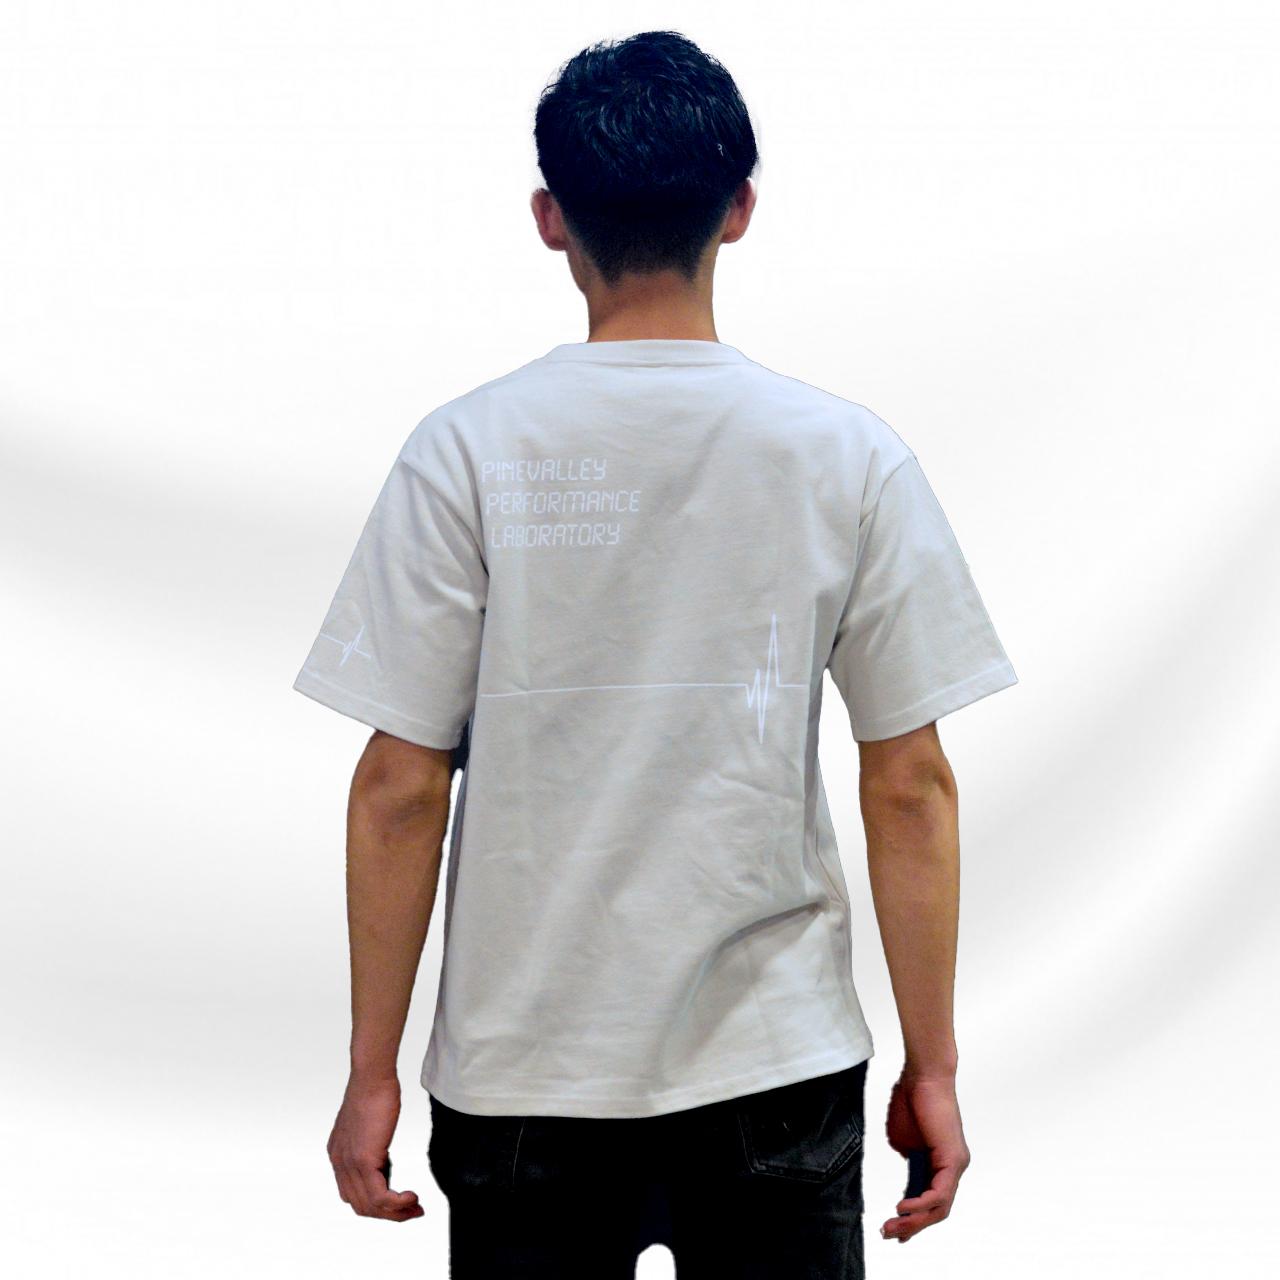 パインバレー■G★コラボTシャツ第5弾 オックが欲しいモデル グレージュ/ホワイト